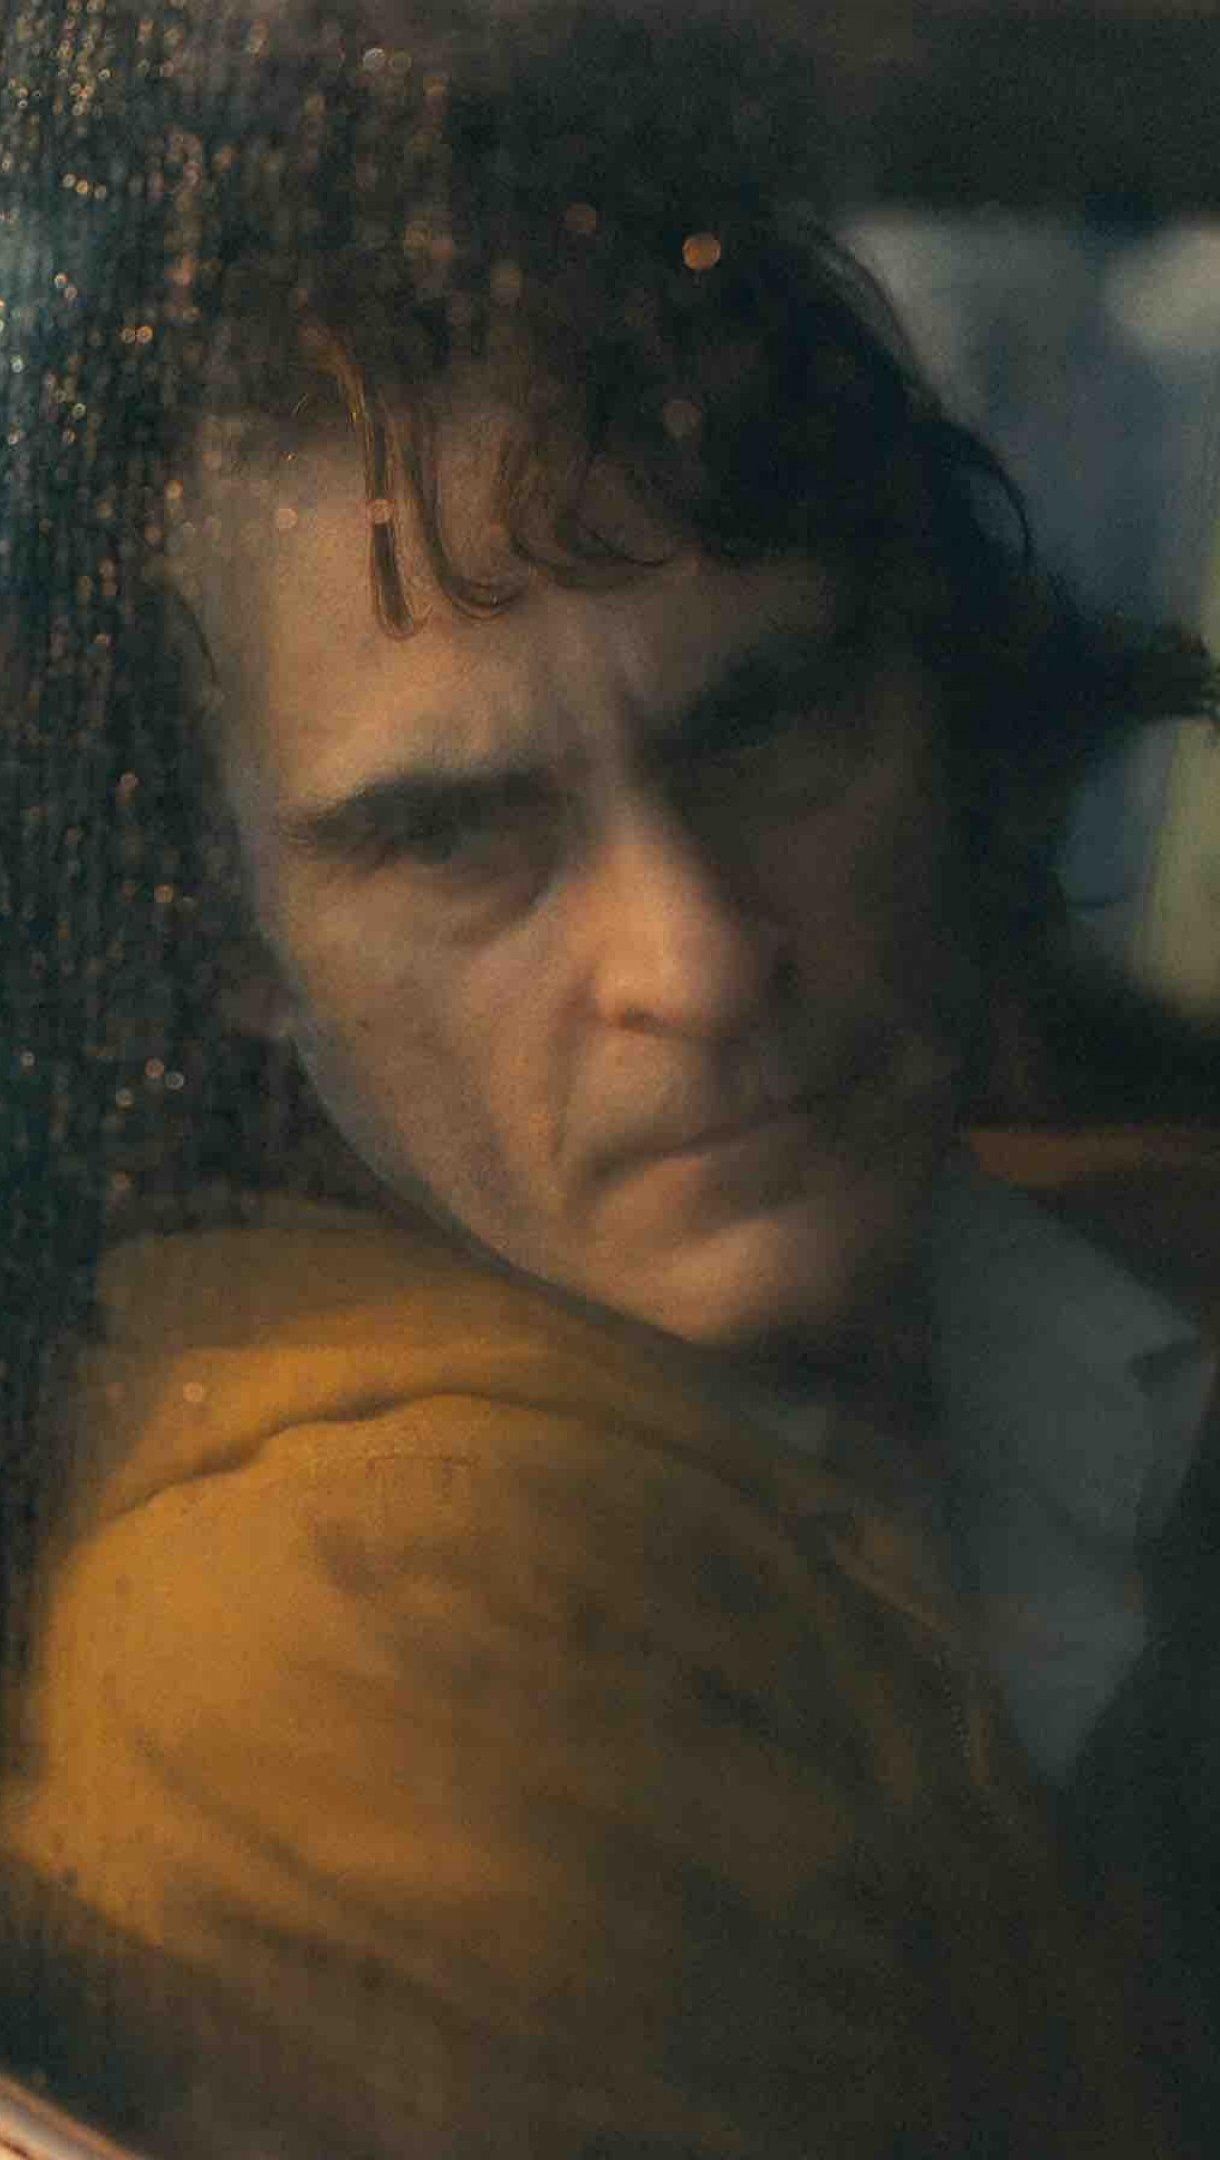 Wallpaper Joaquin Phoenix in train in Joker Vertical